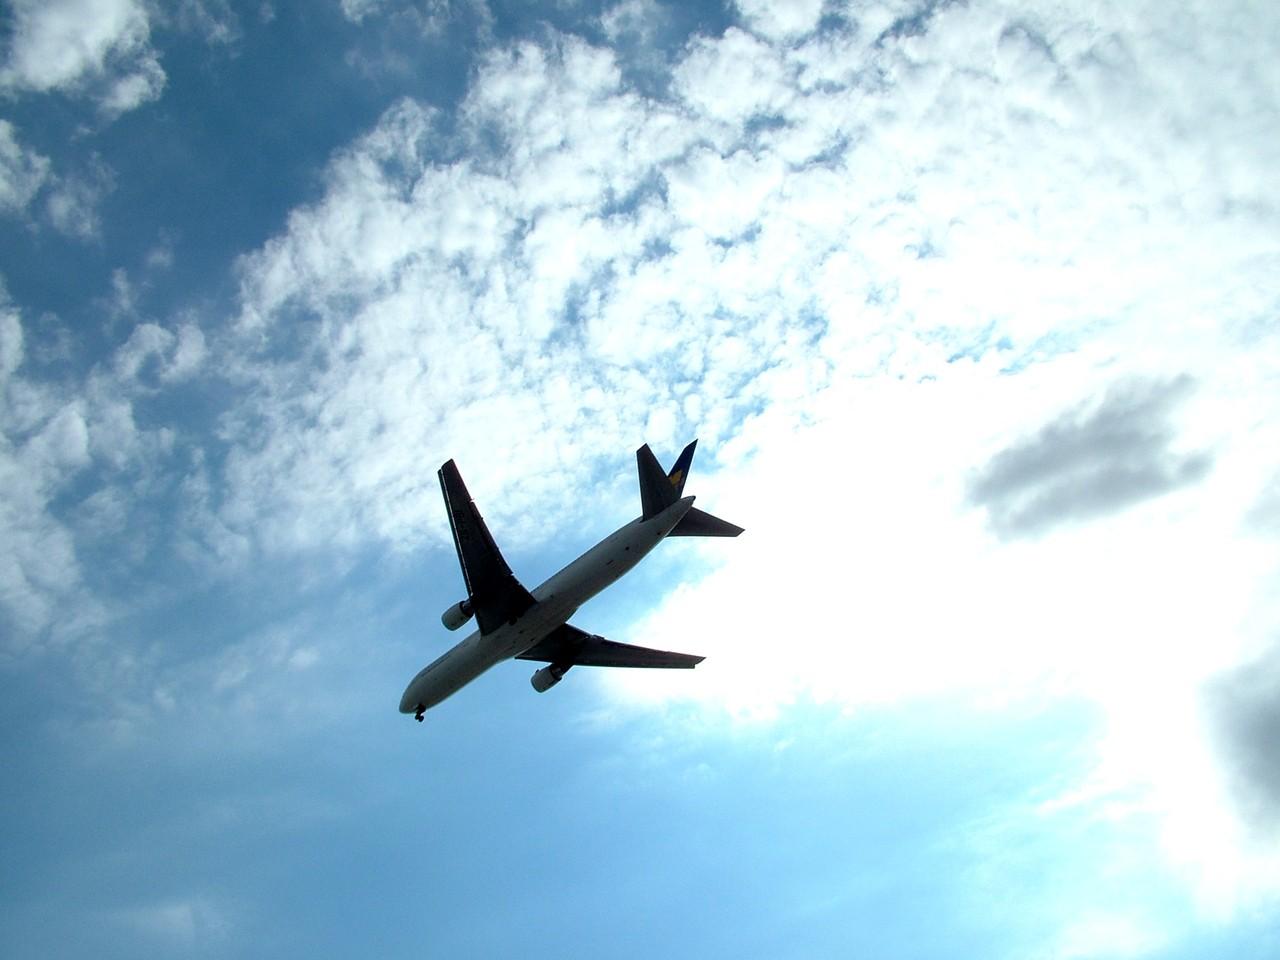 Pielgrzymka – sposób na obniżenie kosztów podróży